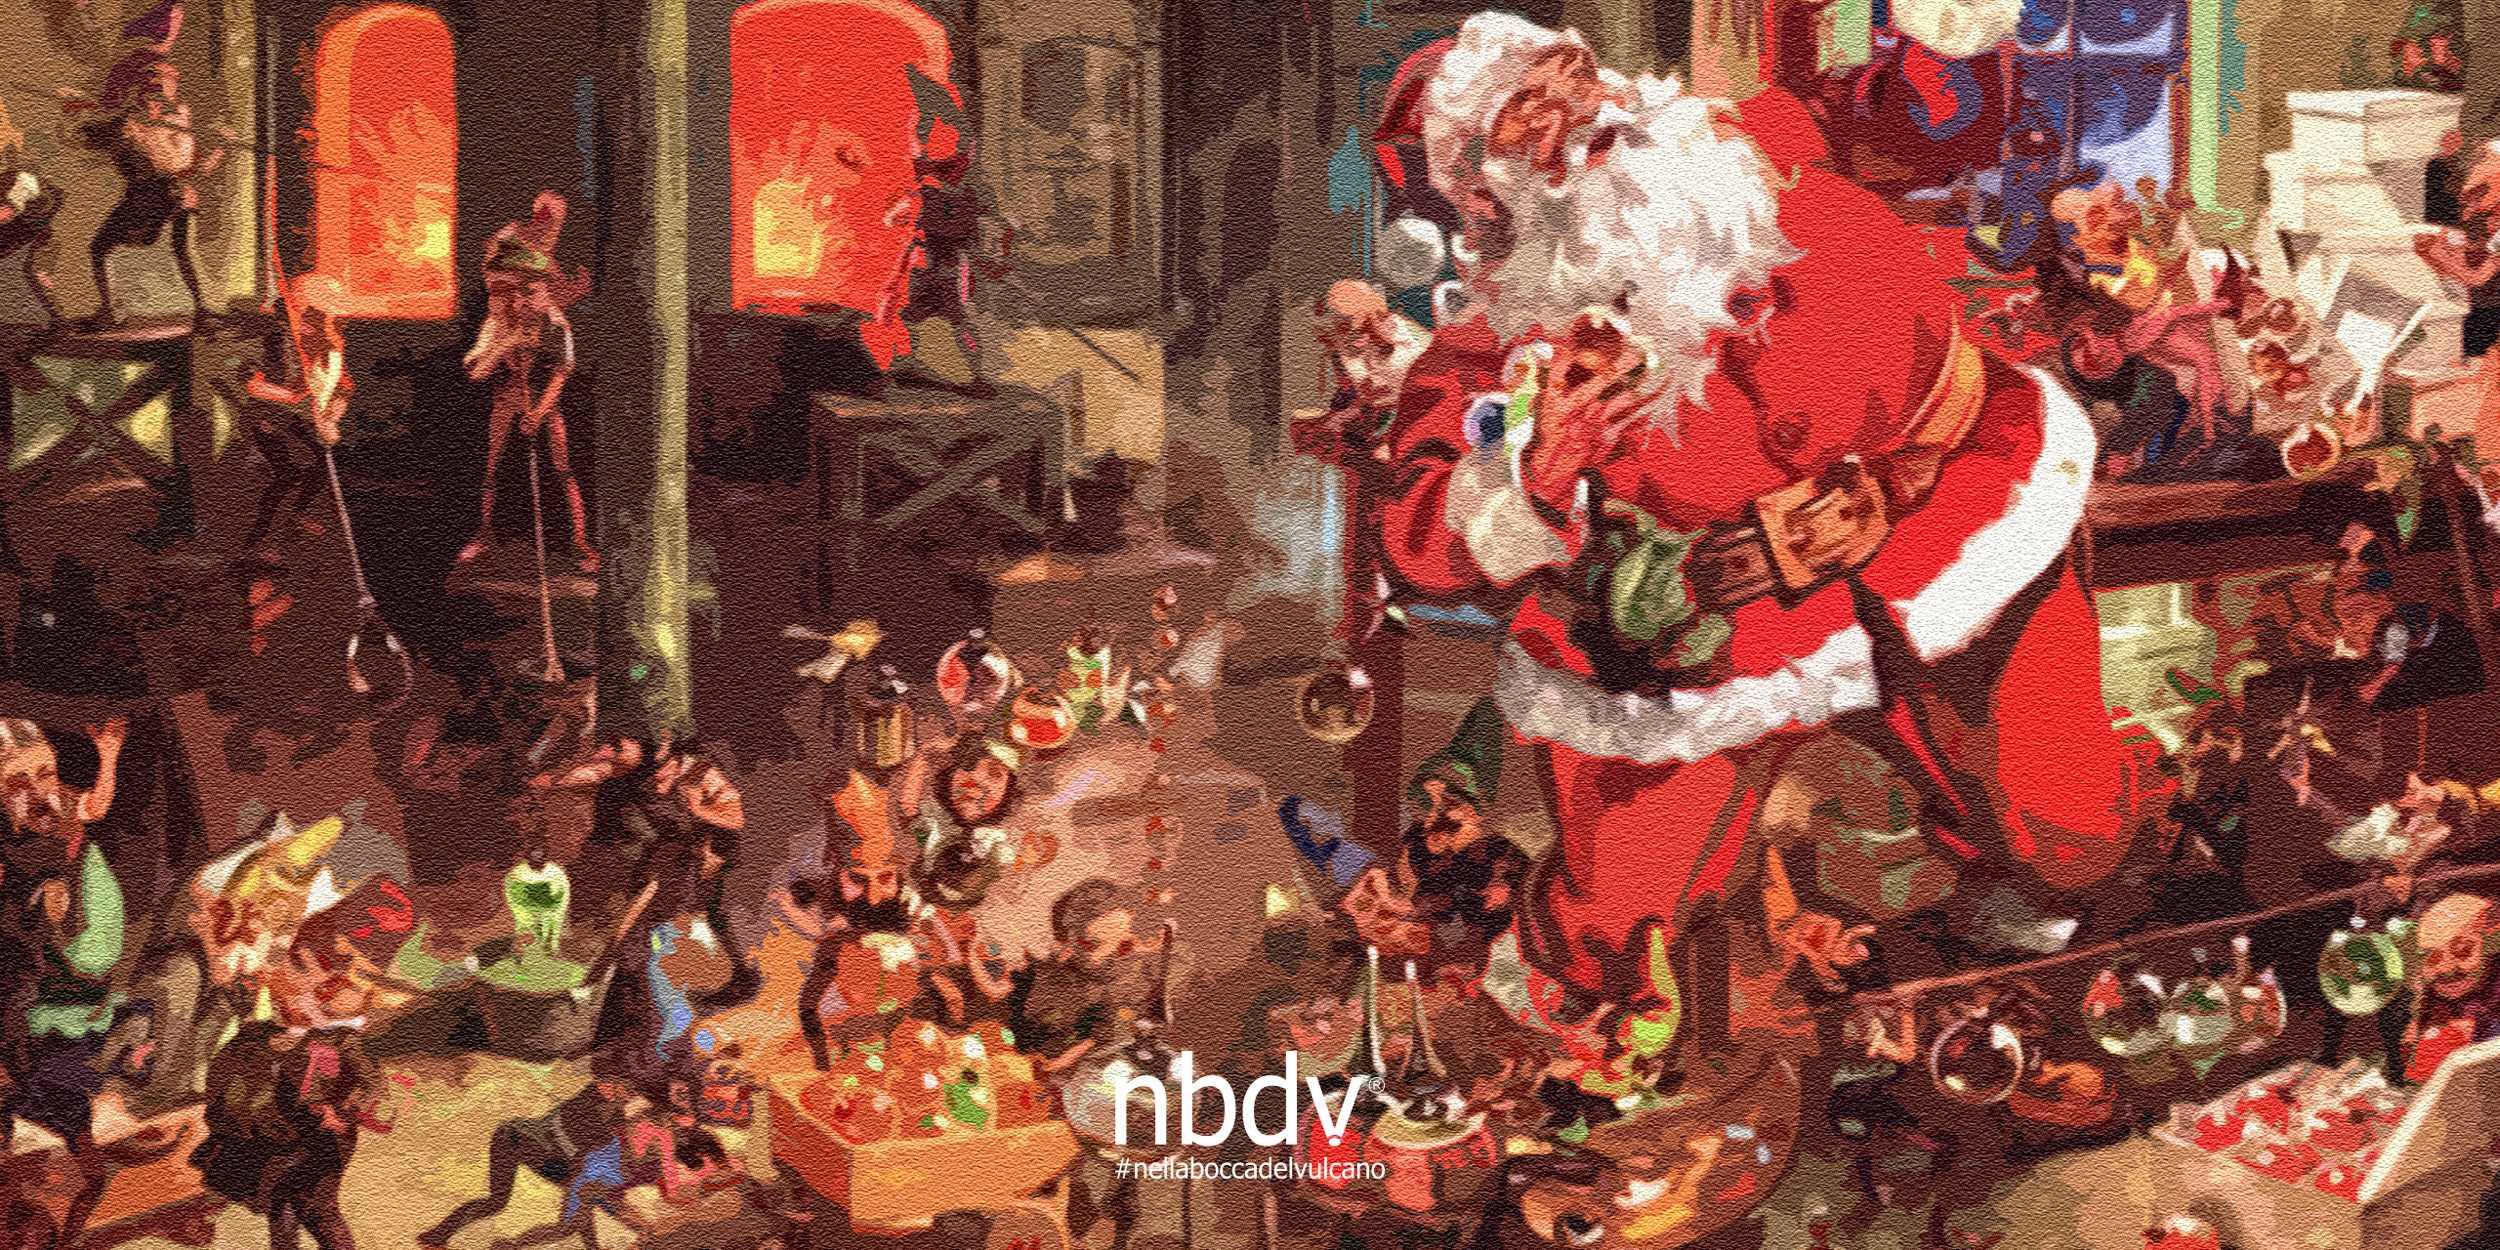 Immagini Di Folletti Di Babbo Natale.La Fantastica Intervista Ai Folletti Di Babbo Natale Nbdv